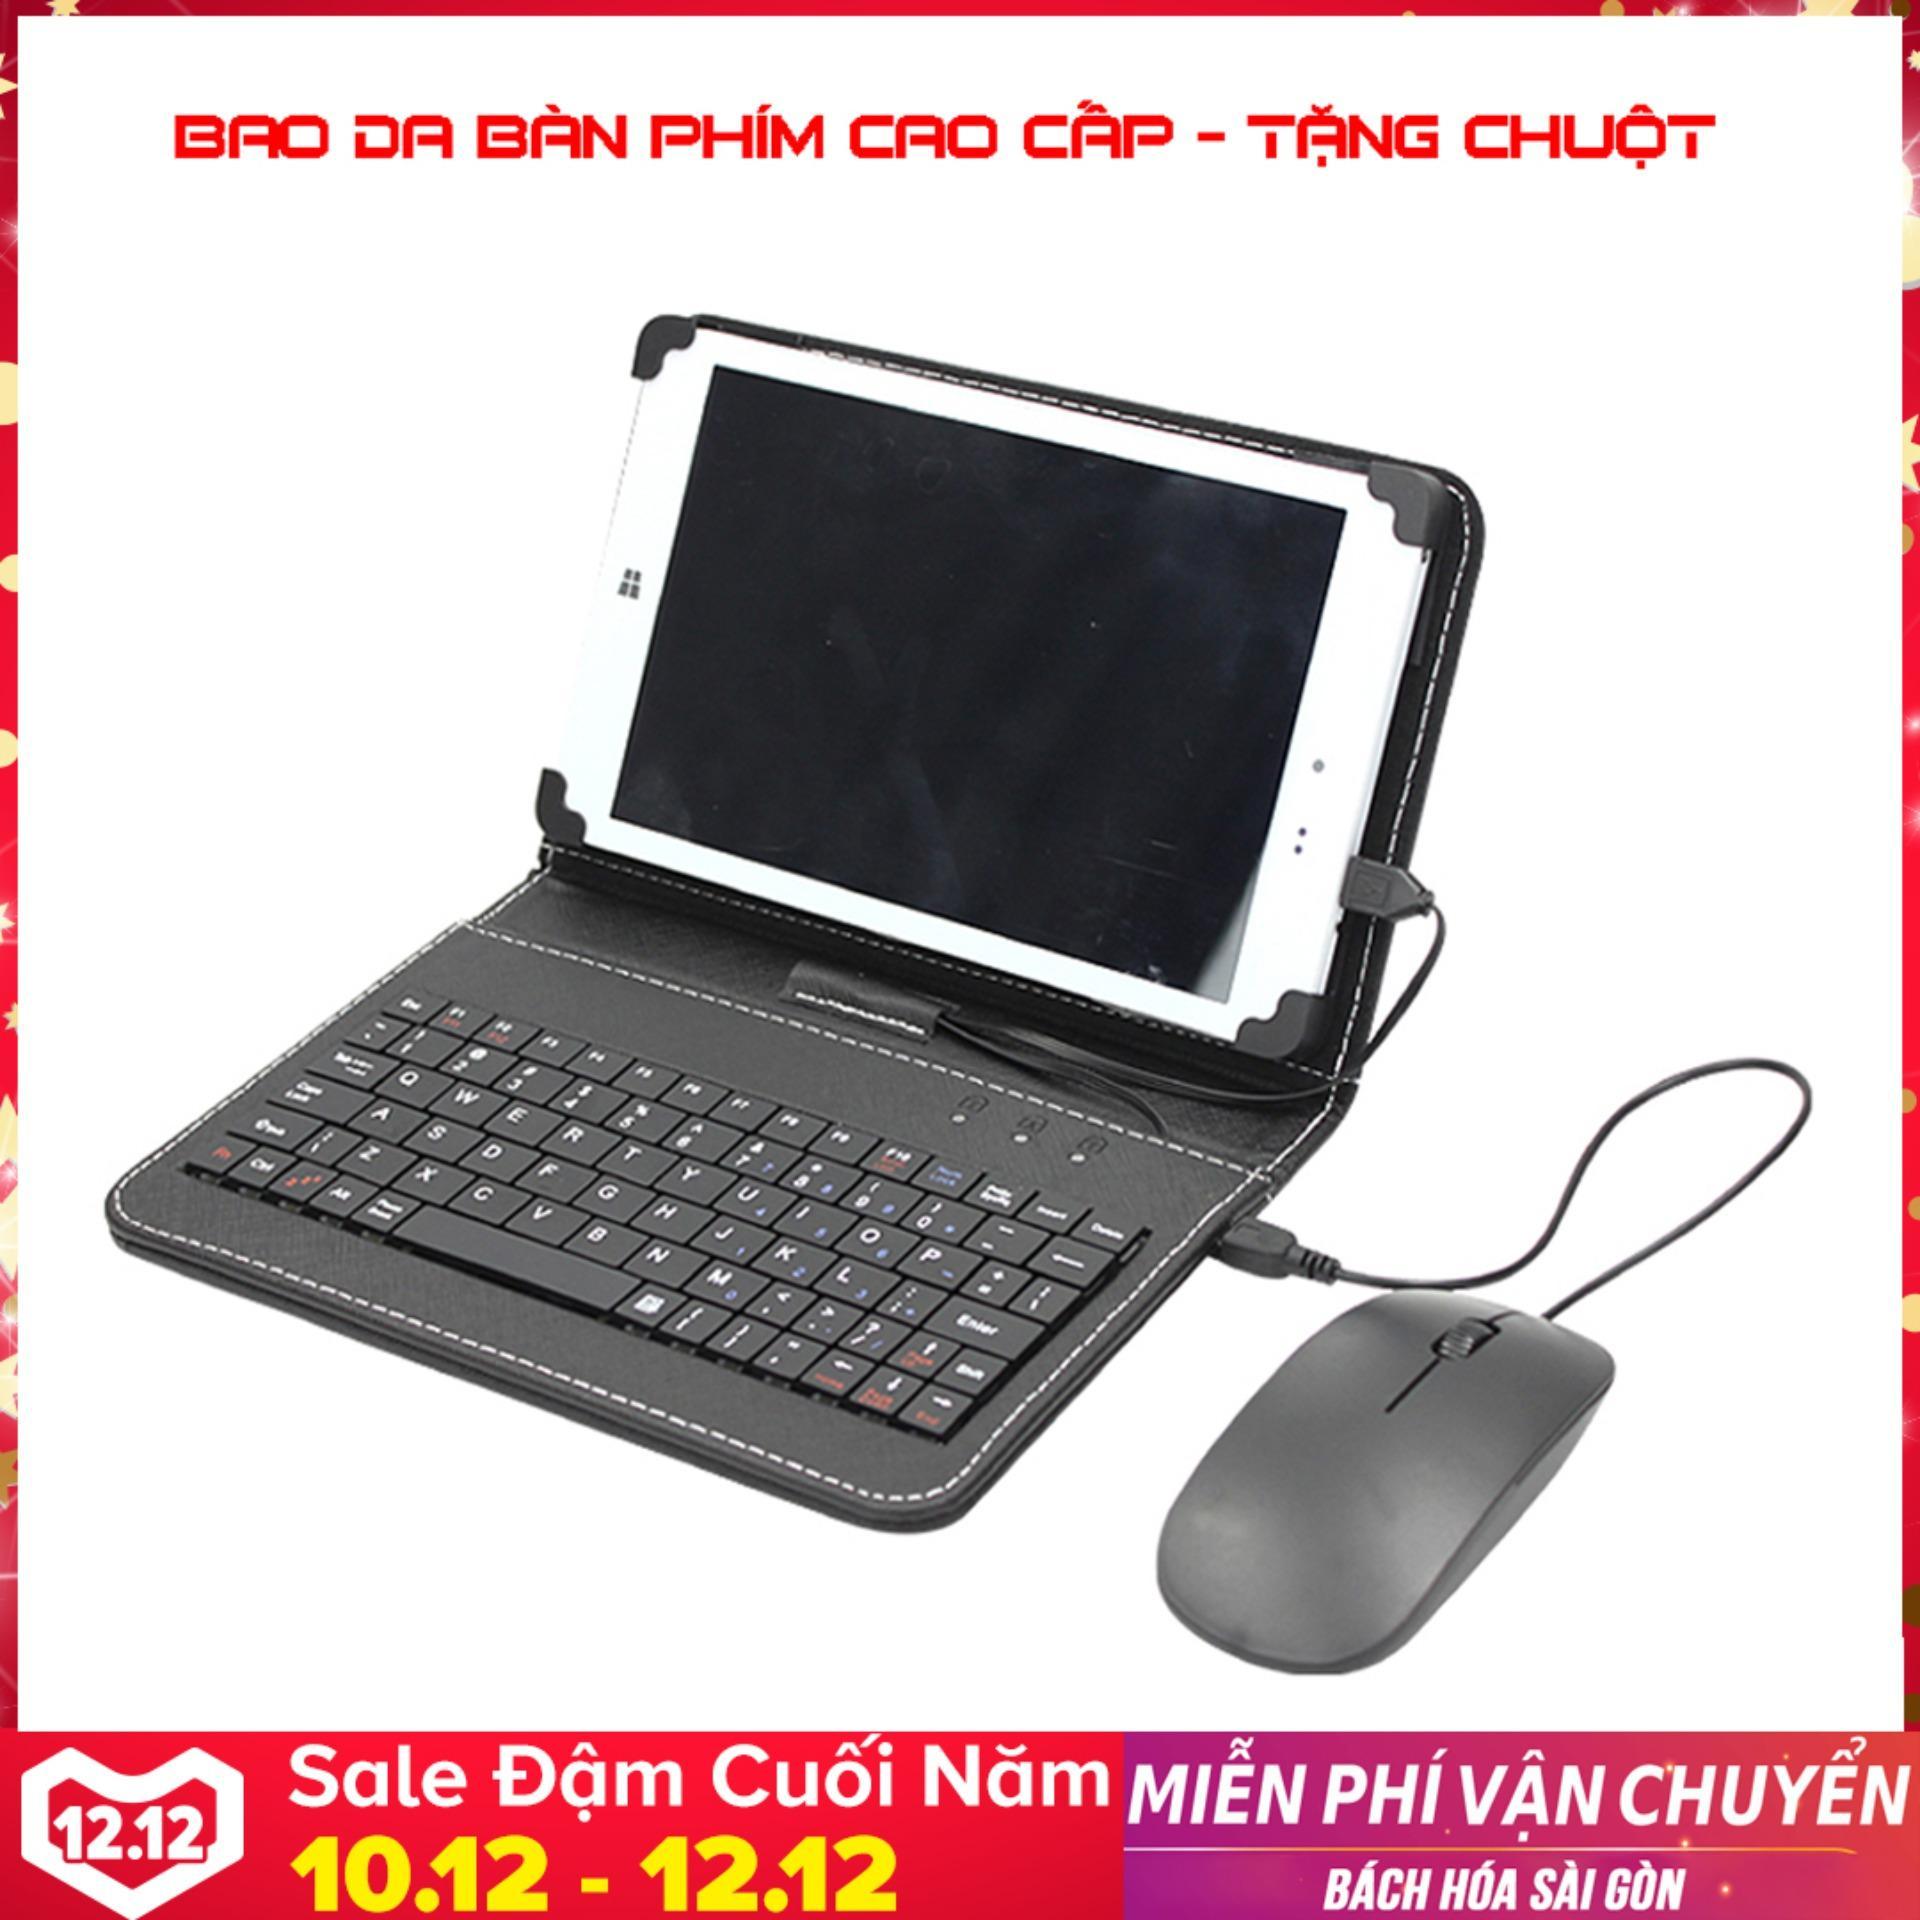 Ban Phim Ngoai Cho Dien Thoai Android   Bao Da Bàn Phím Kèm Chuột Cho Điện Thoại - Hàng Công...